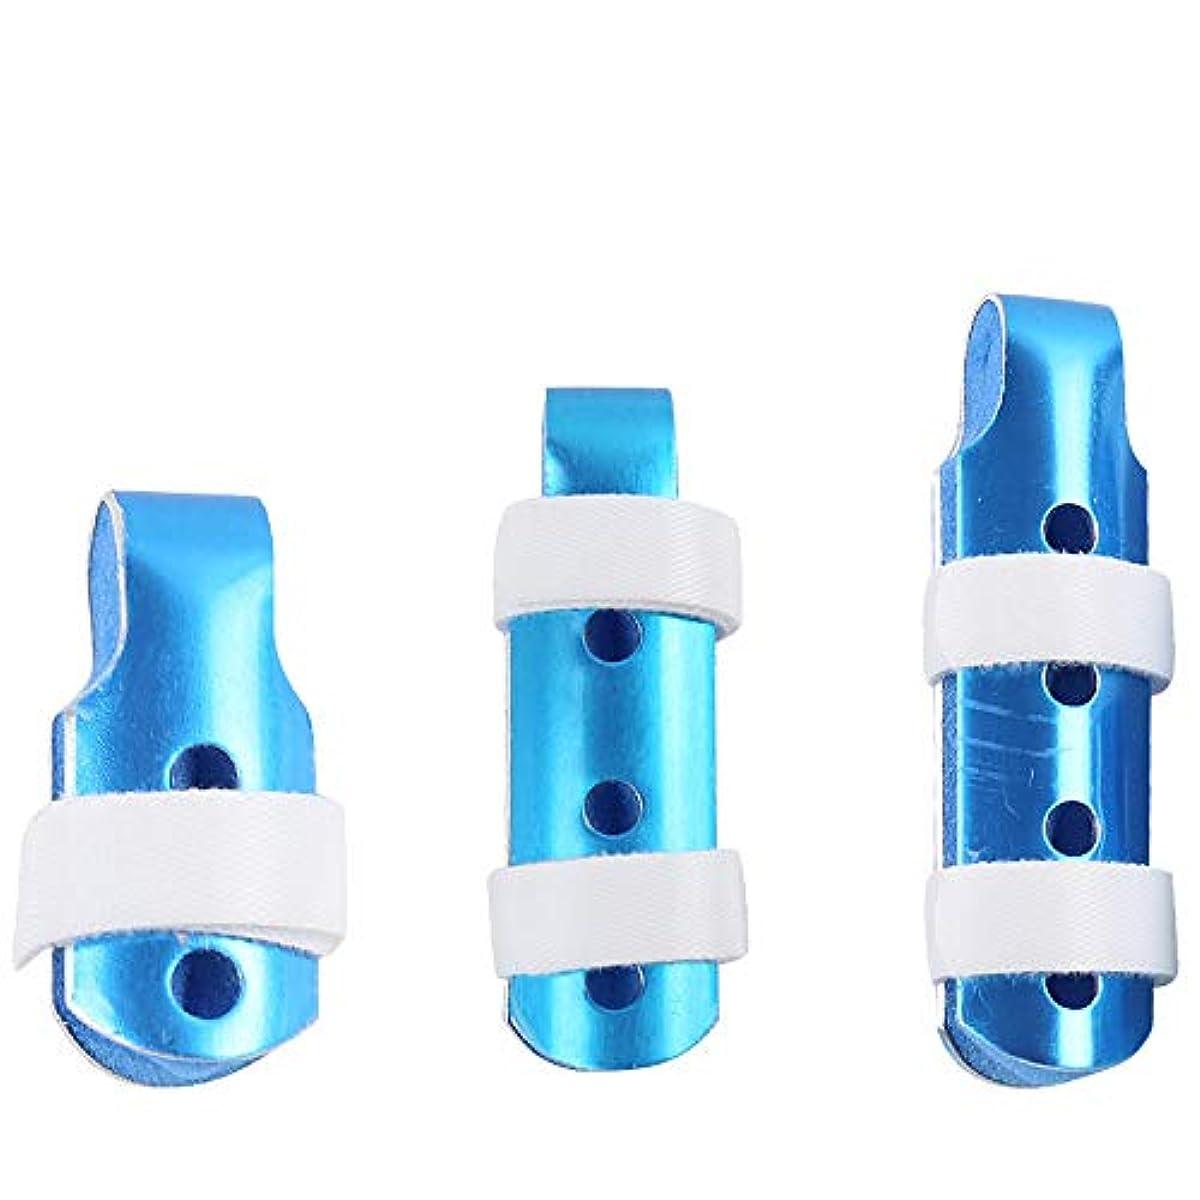 ラフあまりにも警官指の添え木、調節可能なサポート引き金、関節保護指の傷害防止用プロテクター、フックとループストラップで折り重ね(3個)